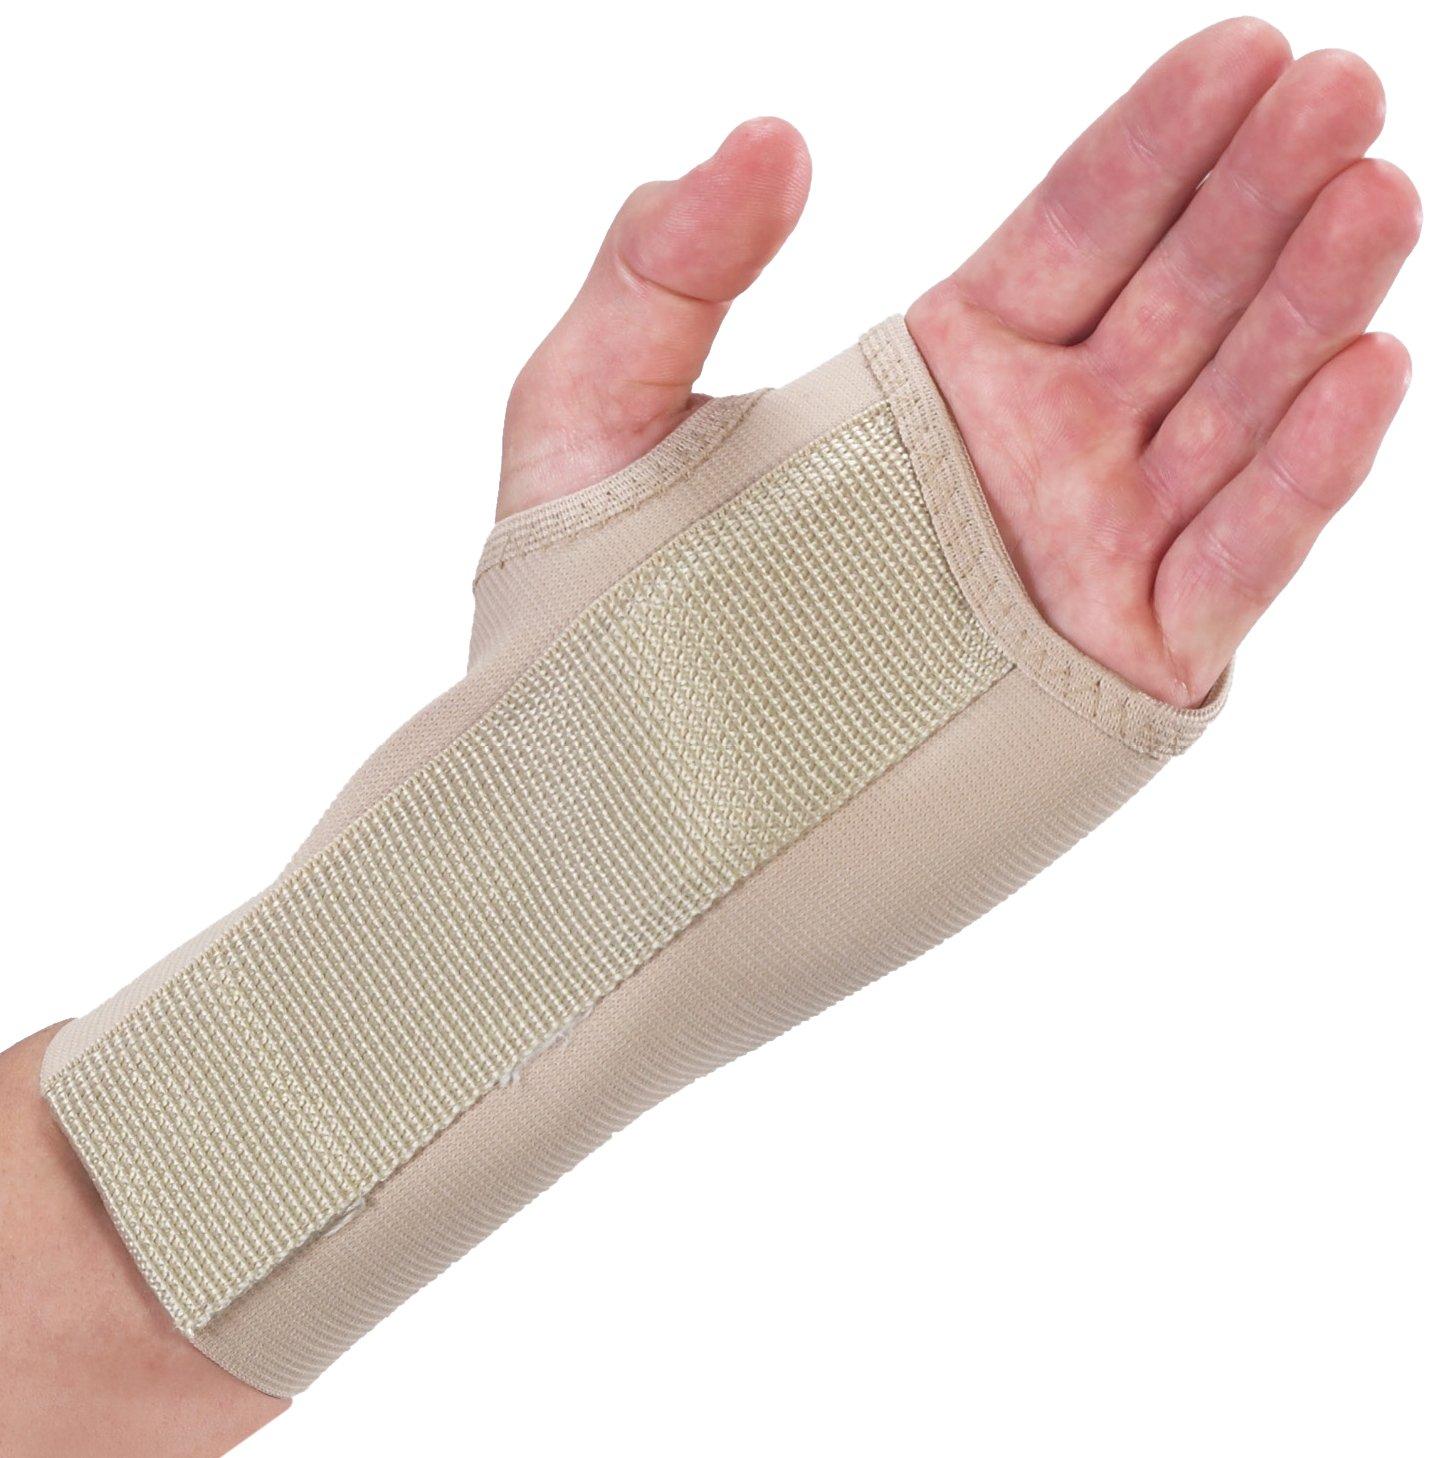 Bilt-Rite Mastex Health 7 Inch Right Wrist Splint, Beige, X-Large